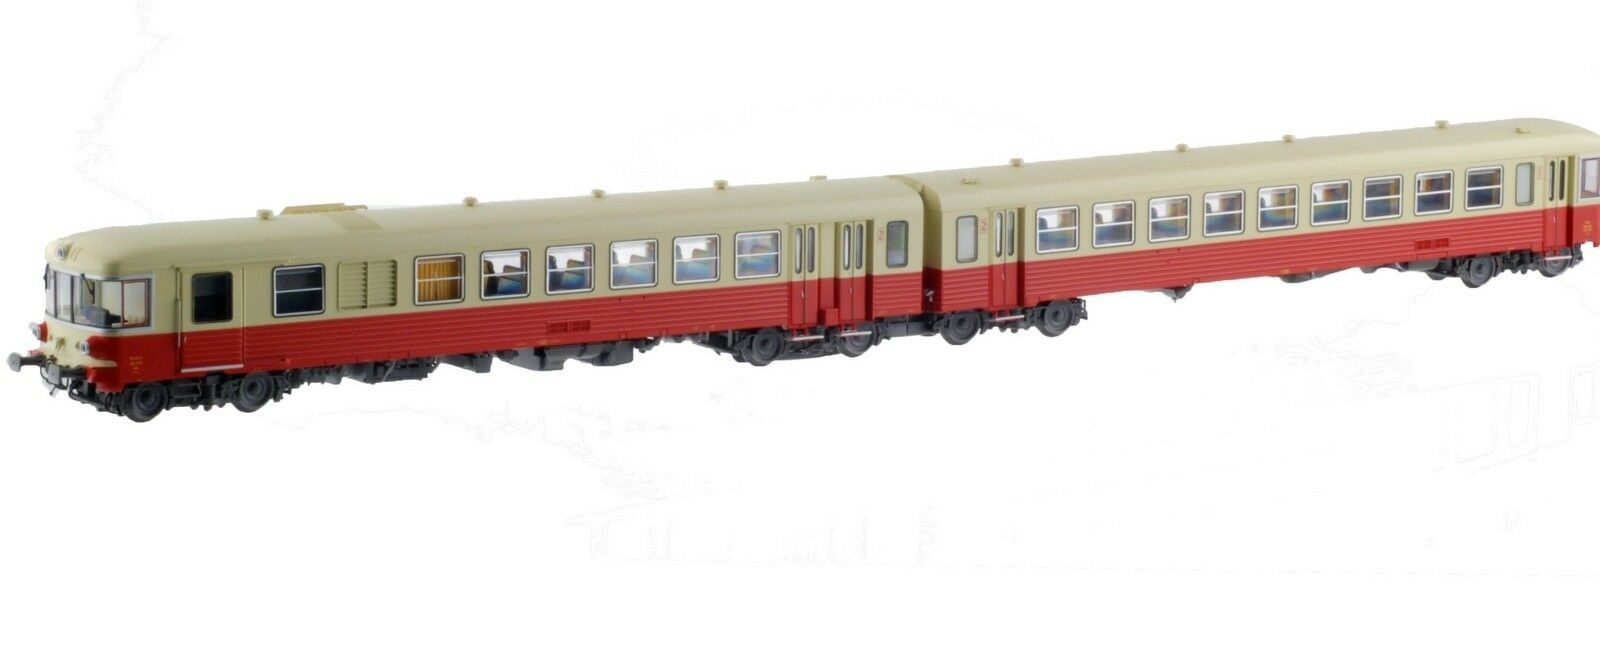 Ls Models 10062 SNCF SEAE x4500 2-tlg dieseltriebwagen rojo beige ep3 1 87 nuevo + embalaje original